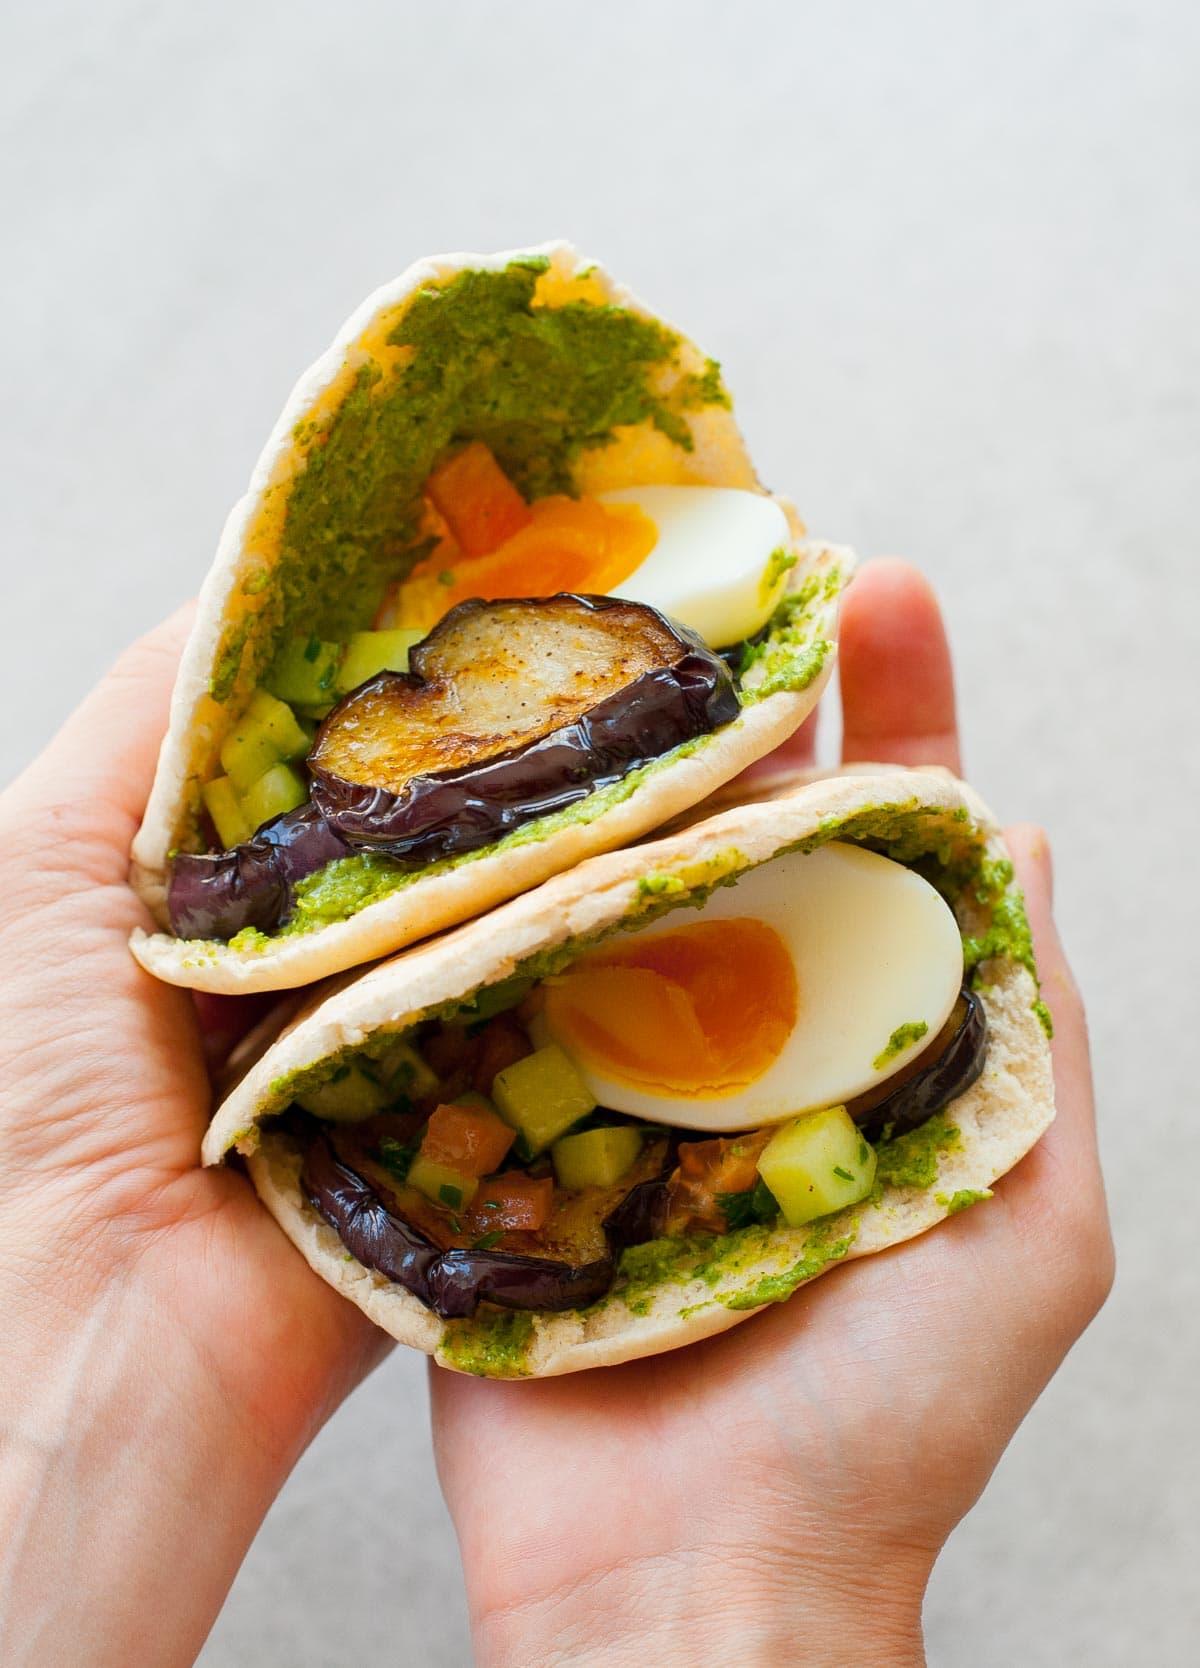 dwa chlebki pita z bakłażanem i jajkami trzymane w rękach